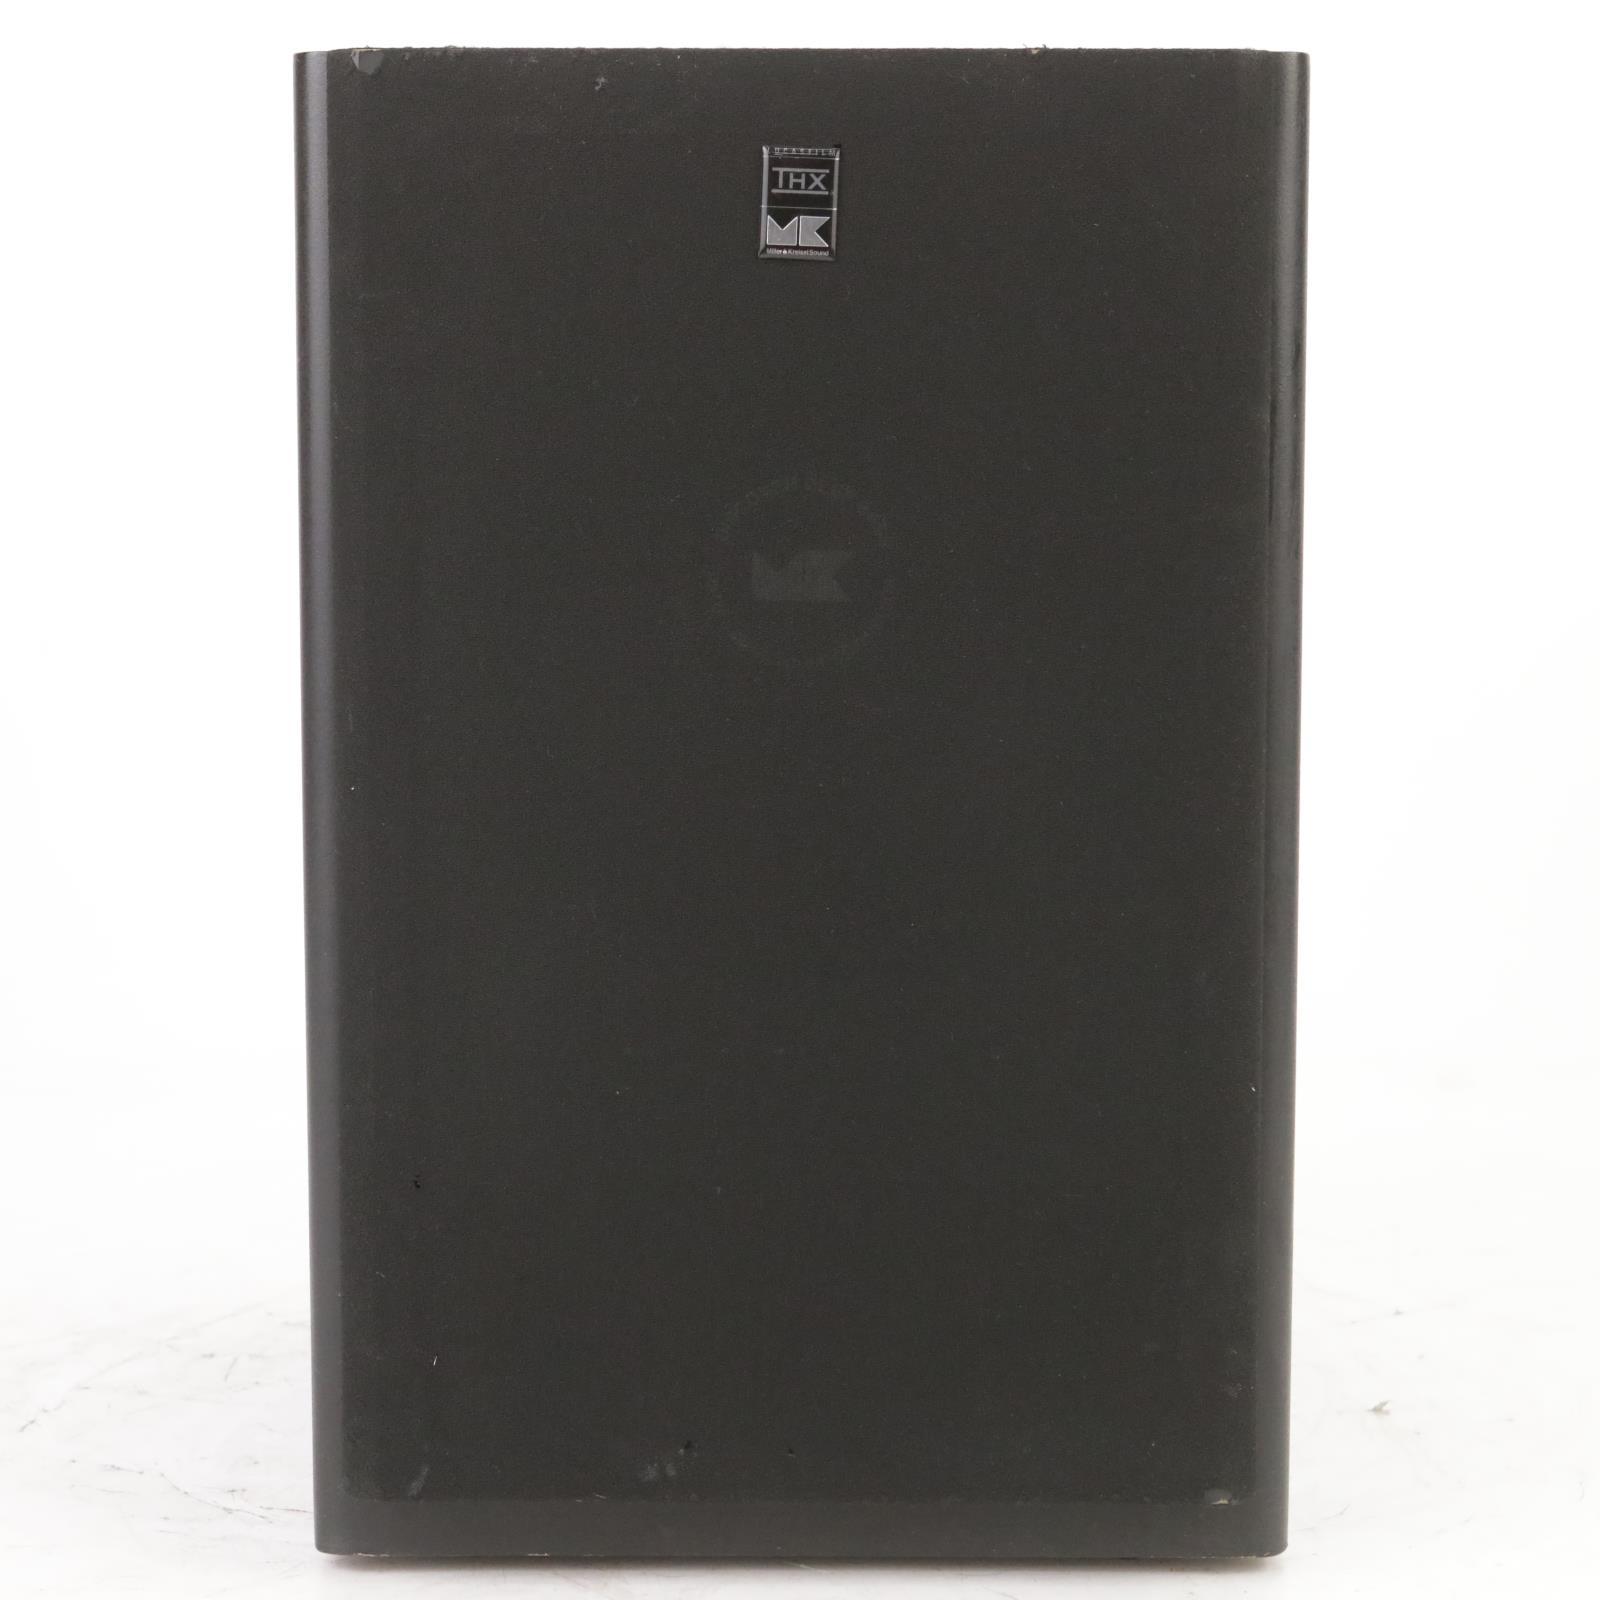 M&K MX-350 THX Powered Active Subwoofer Monitor Speaker #38558